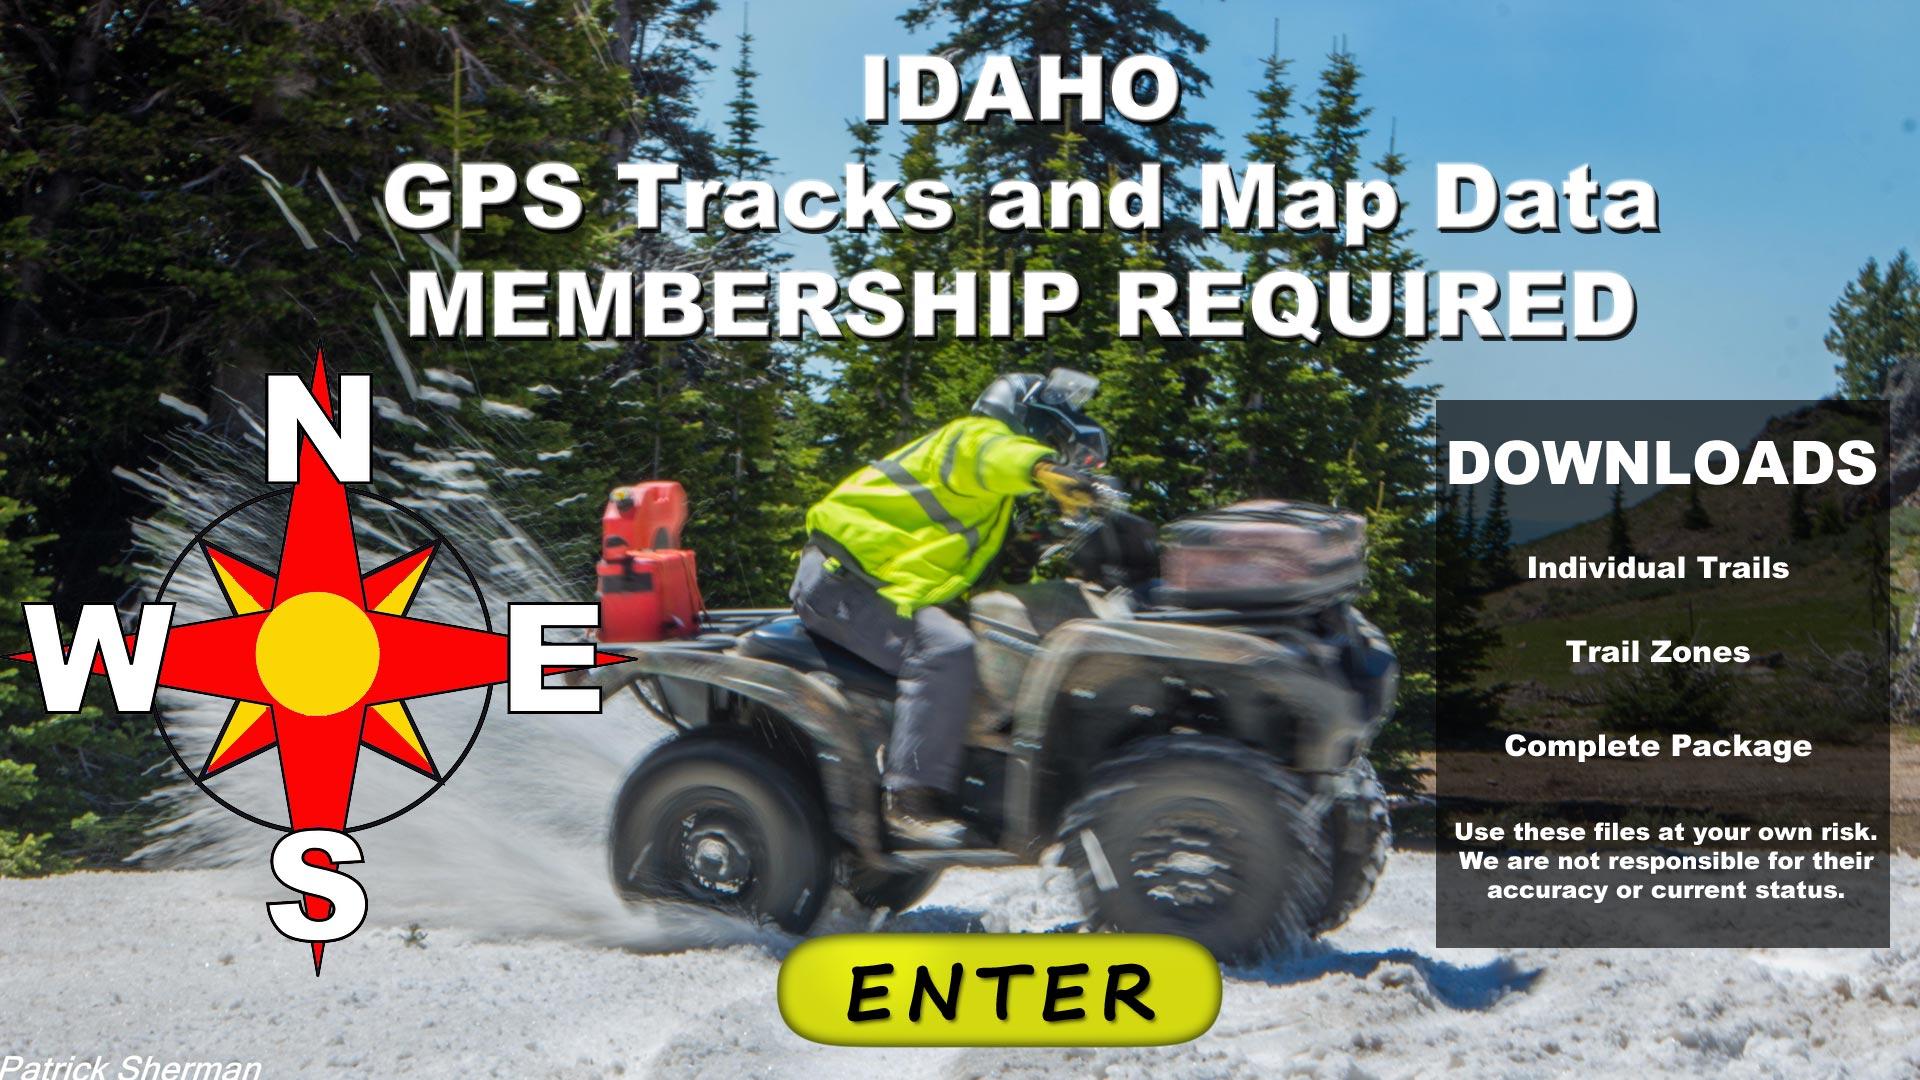 Idaho GPS Tracks